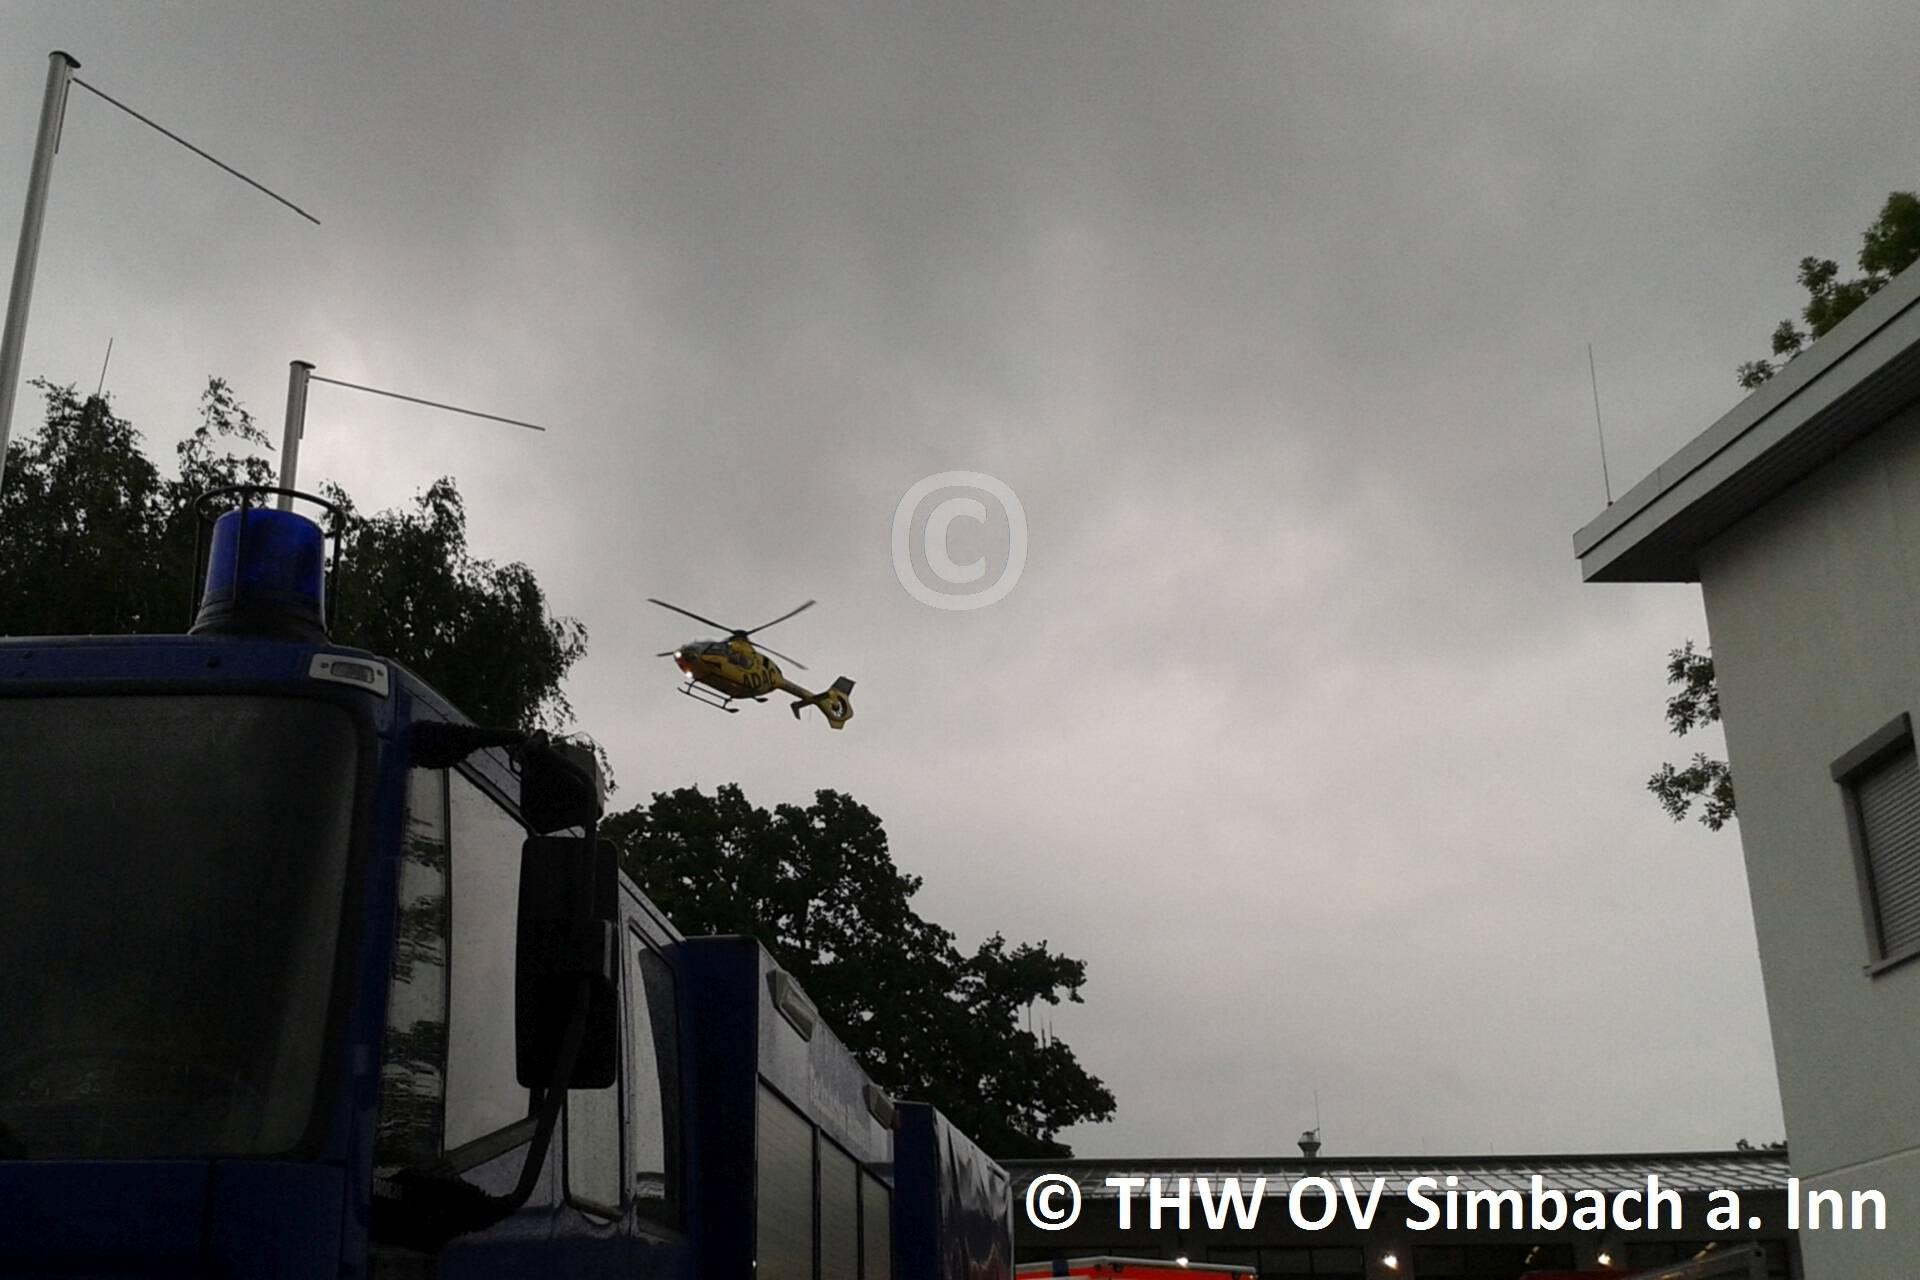 Ein Hubschrauber über dem Simbacher Feuerwehrhaus